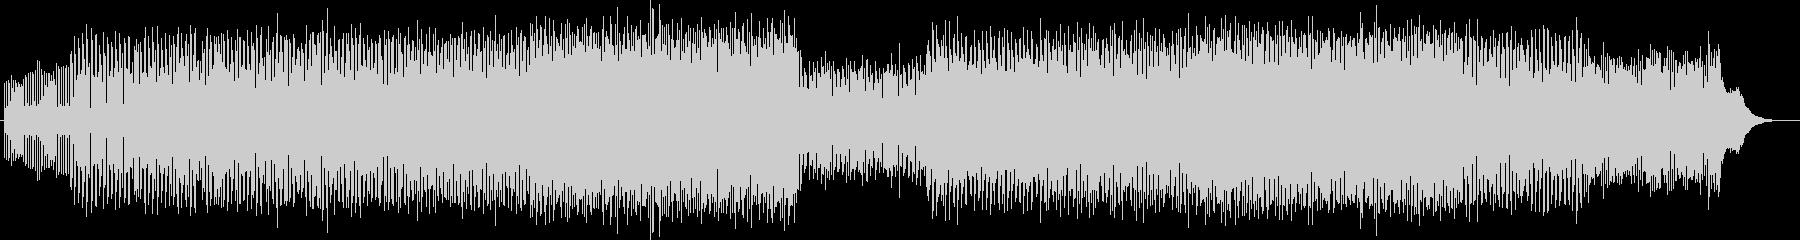 幻想的でアップテンポなテクノミュージックの未再生の波形